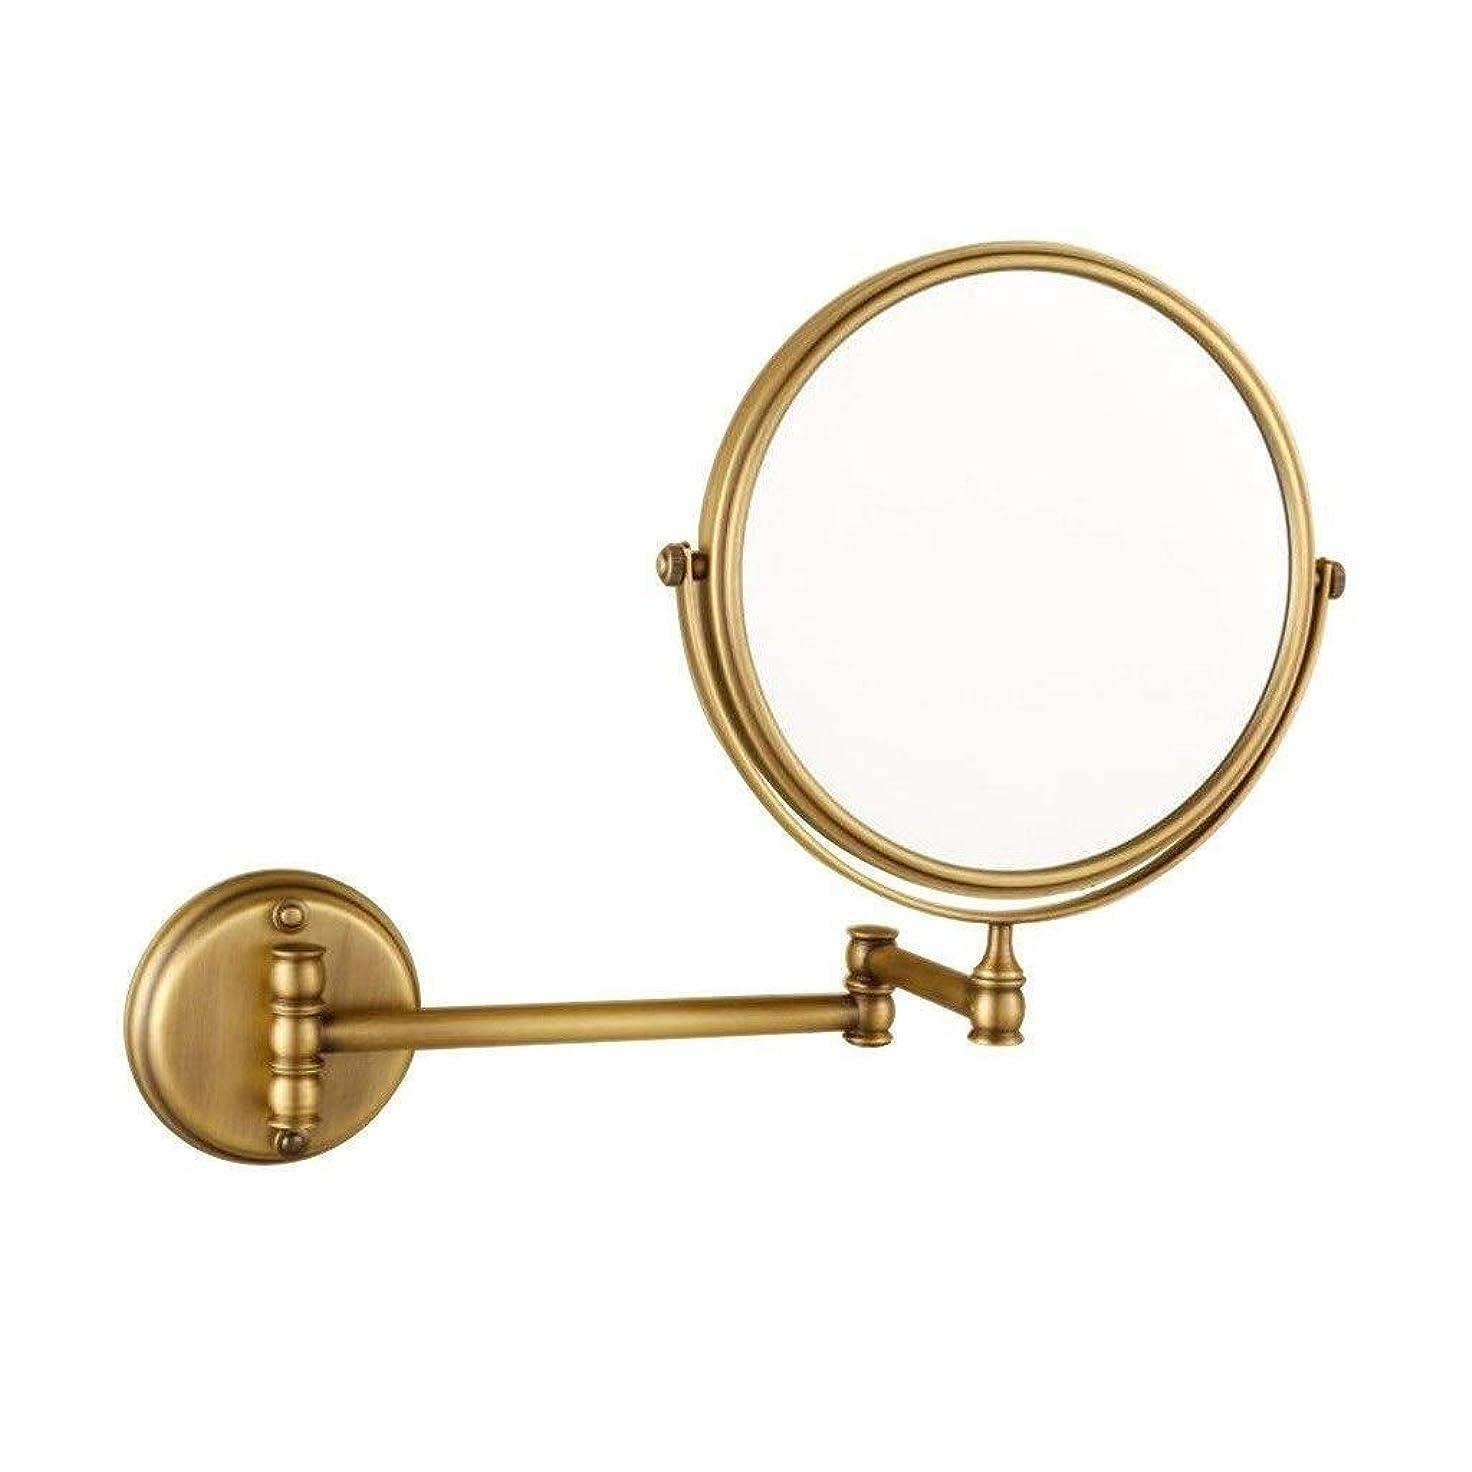 複製するこっそりもつれDong-WW 鏡 壁掛け化粧鏡銅アンティーク8インチのメイクアップミラー浴室の壁がマウント折りたたみ3X拡大鏡ダブルを両面(色:真鍮は、サイズ:8インチ3 X)